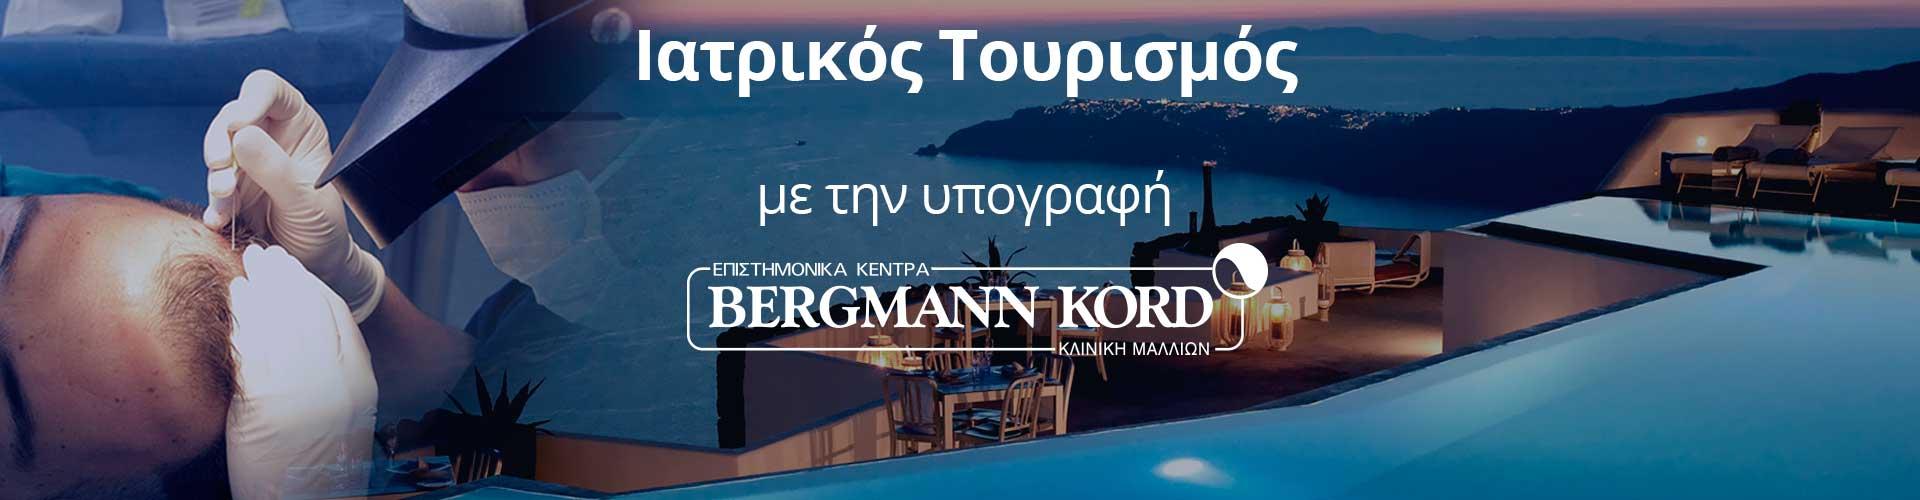 Η Bergmann Kord «πρέσβειρα» του Ιατρικού Τουρισμού